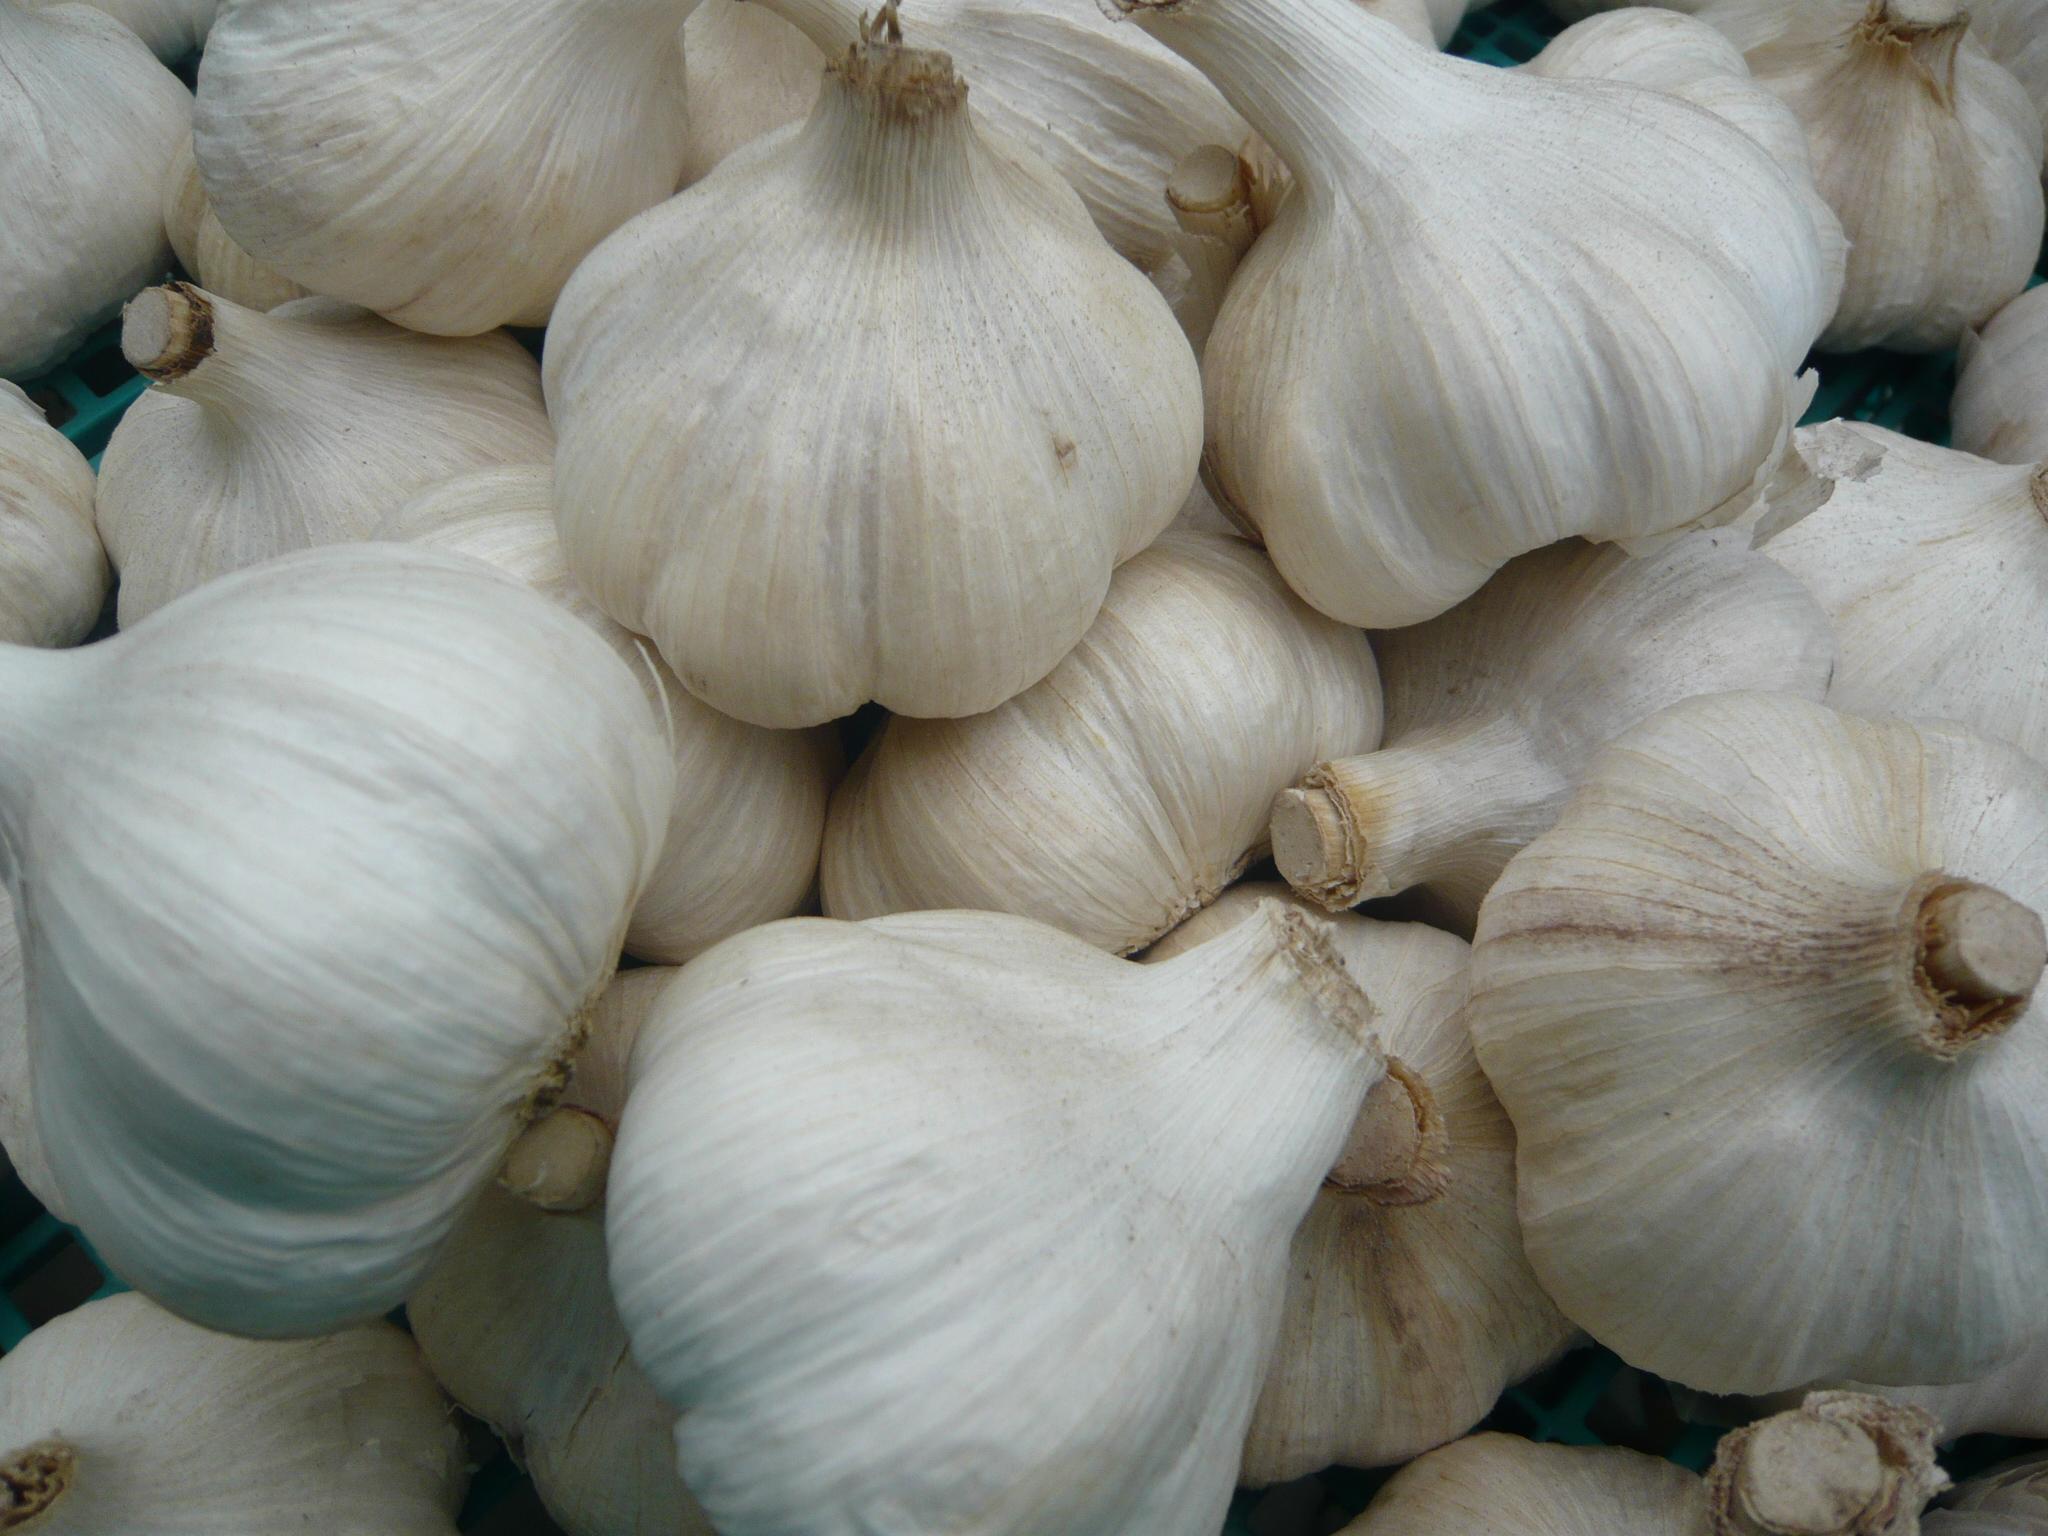 にんにく九州ナンバーワン。熟成黒にんにく、にんにく自社・契約生産加工品及び九州の野菜の卸販売:八片にんにく